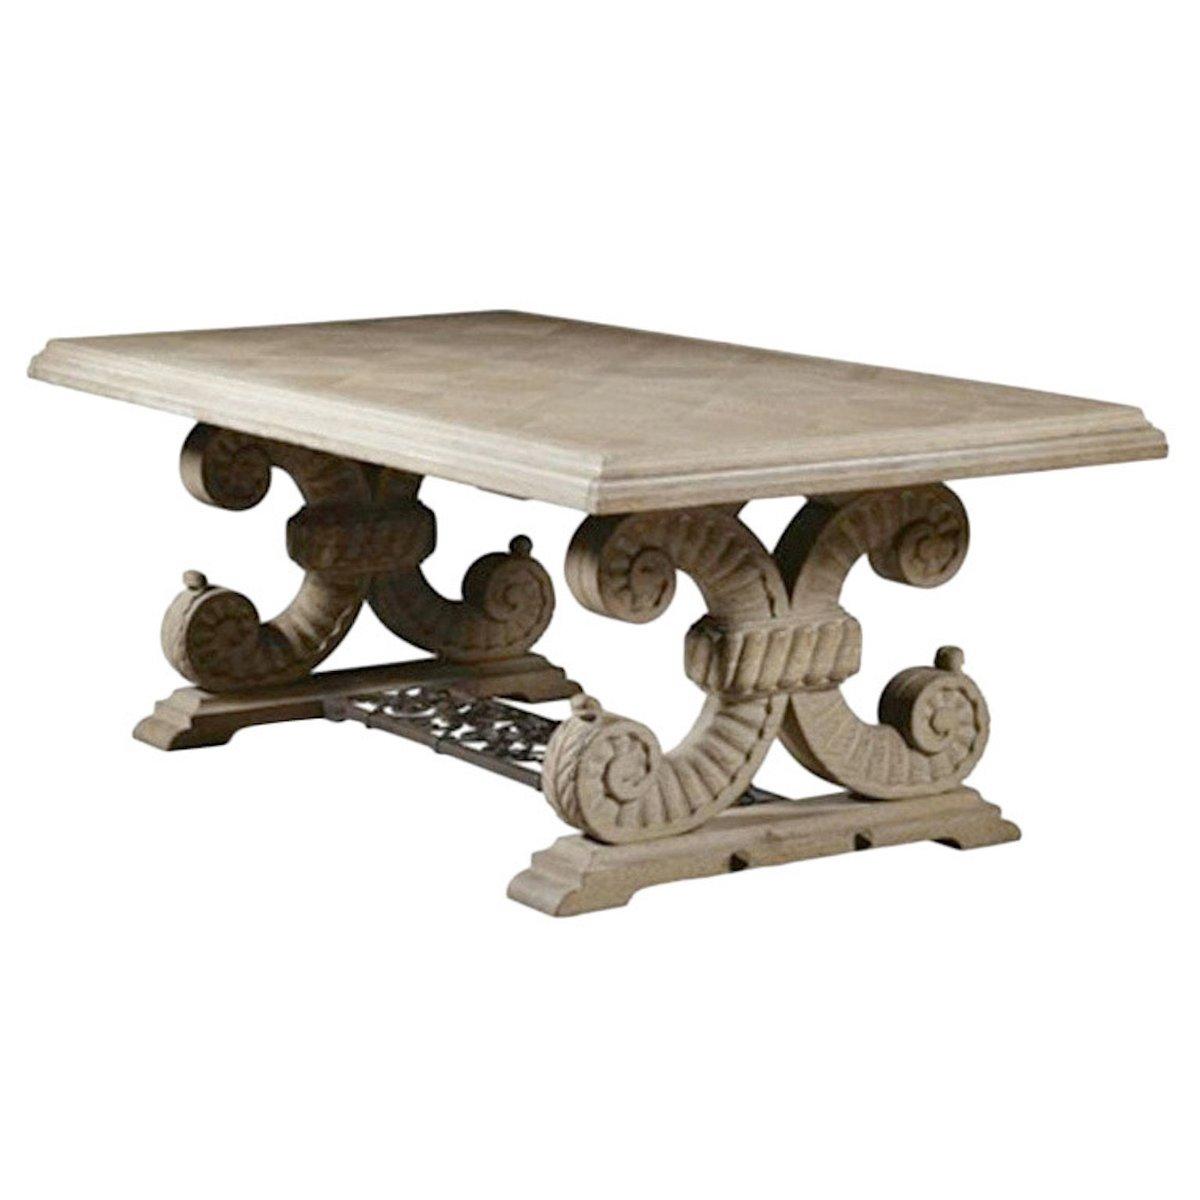 Table de salle manger art d co en ch ne et fer par jean charles moreux 1937 en vente sur pamono - Deco sur table salle a manger ...